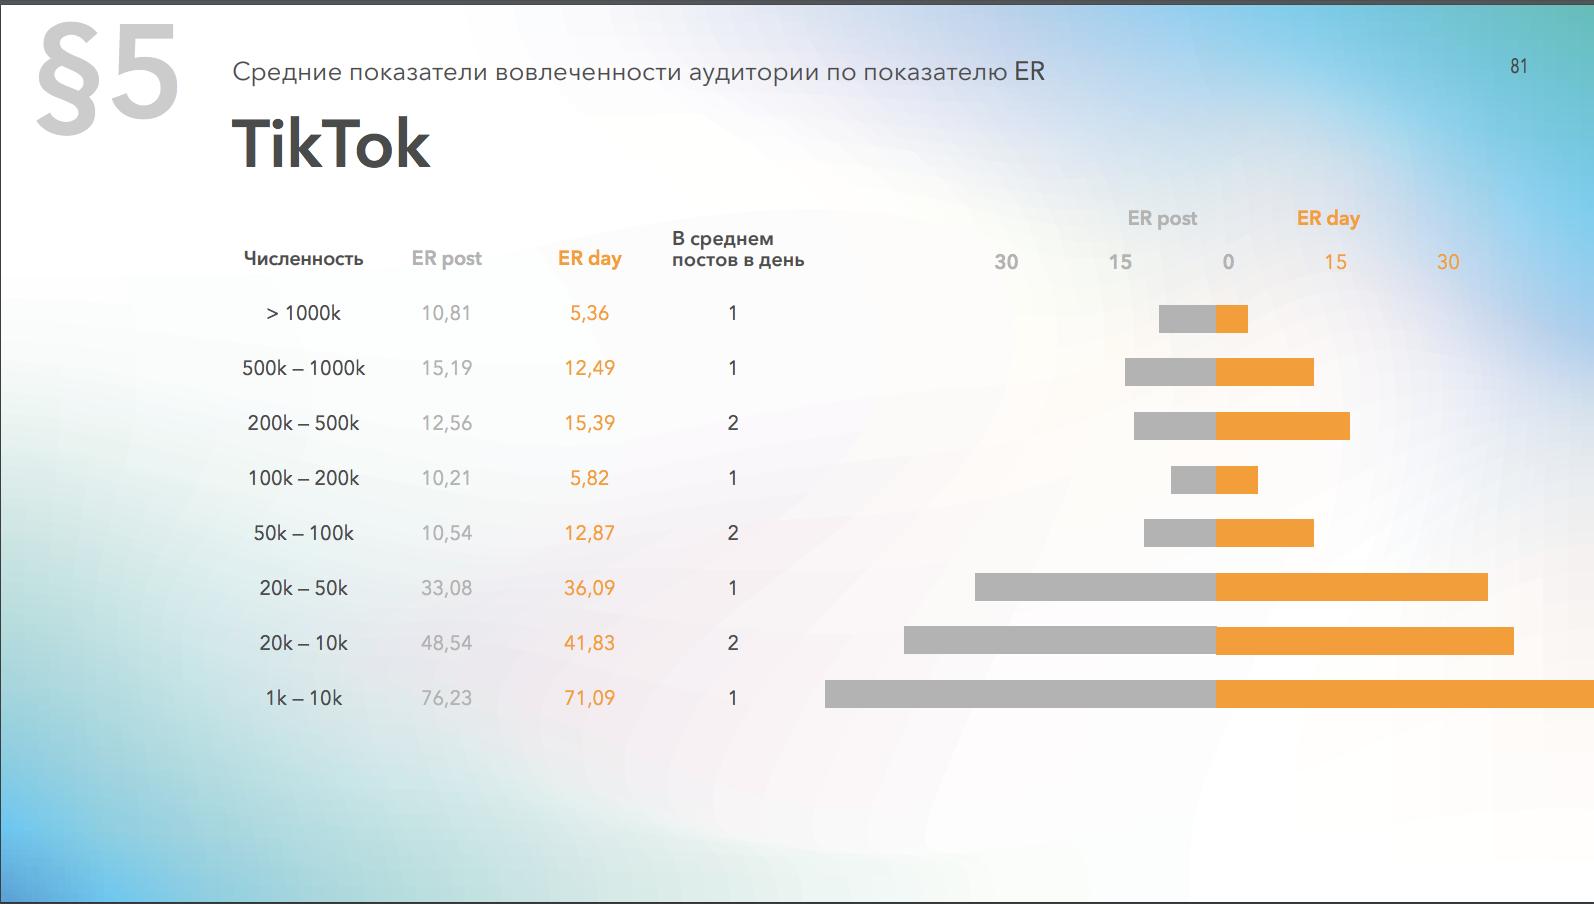 Средний уровень вовлеченности страниц в ТикТок в зависимости от количества подписчиков